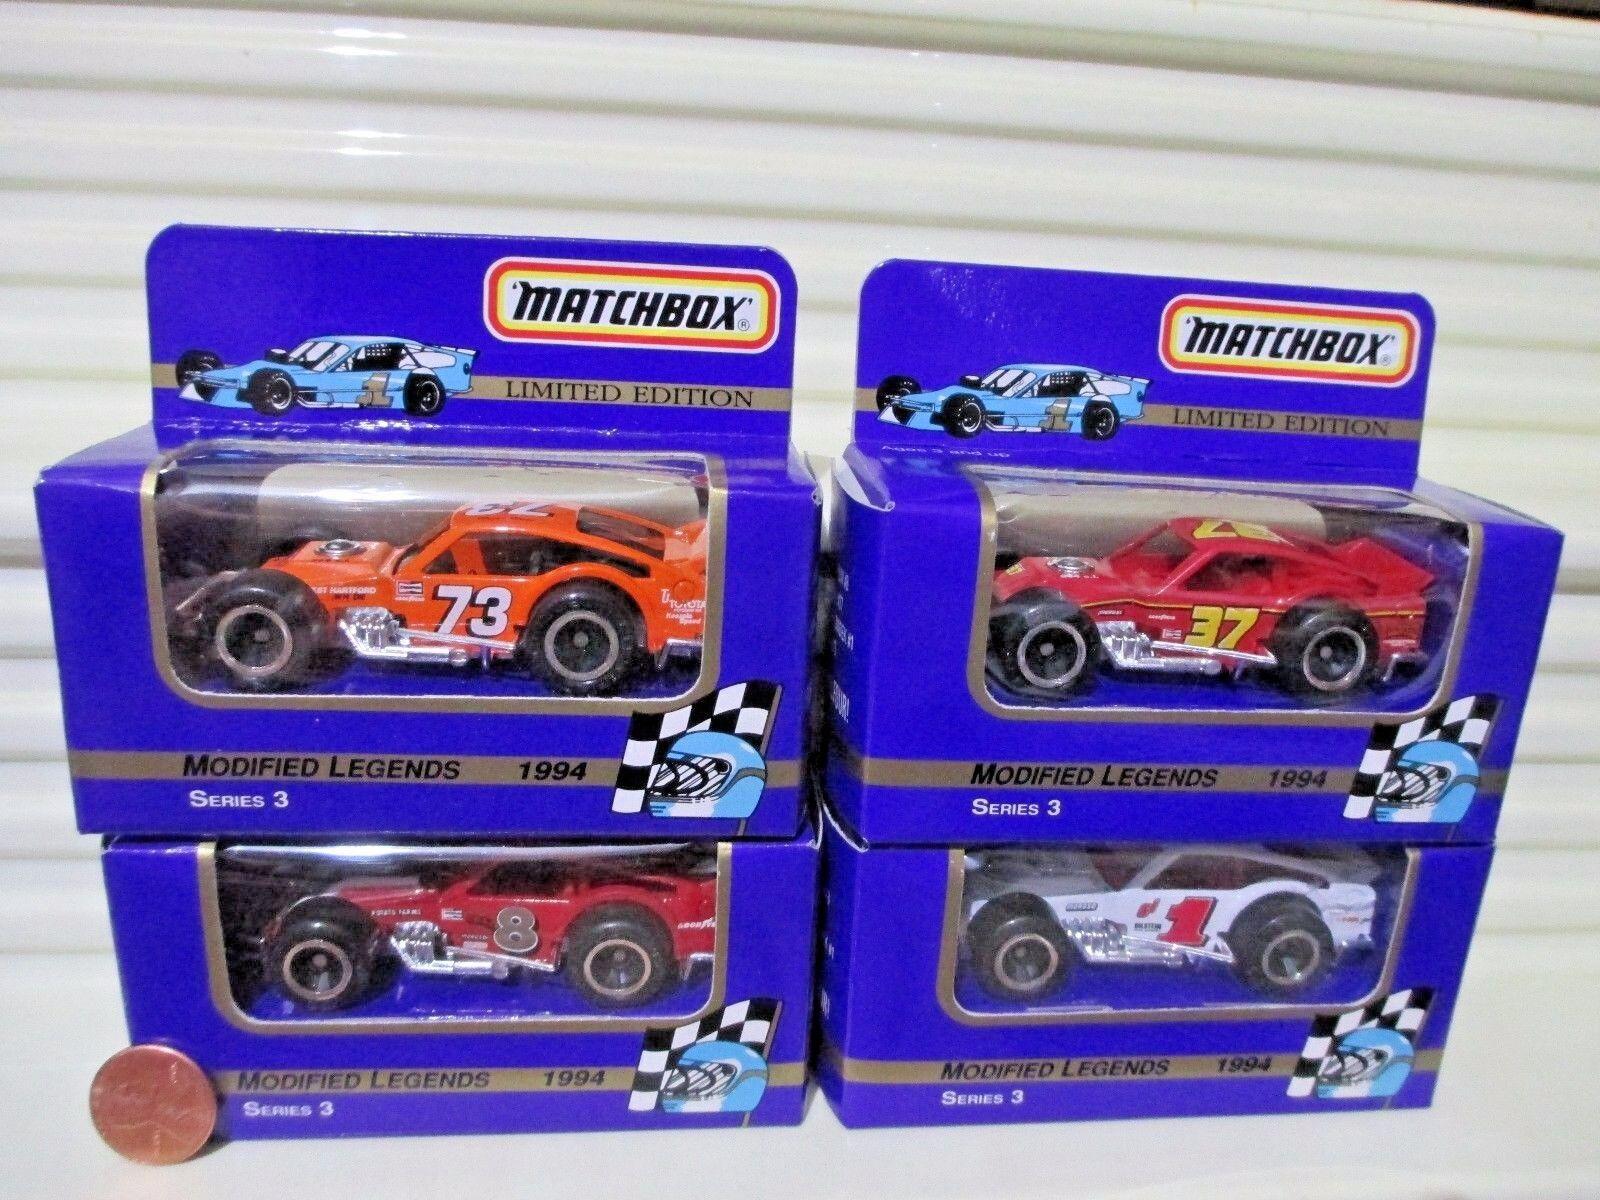 barato y de alta calidad Matchbox 1994 serie 3 leyendas Modificado coches McLaughlin McLaughlin McLaughlin Stefanik Jarzombek Bross  alta calidad